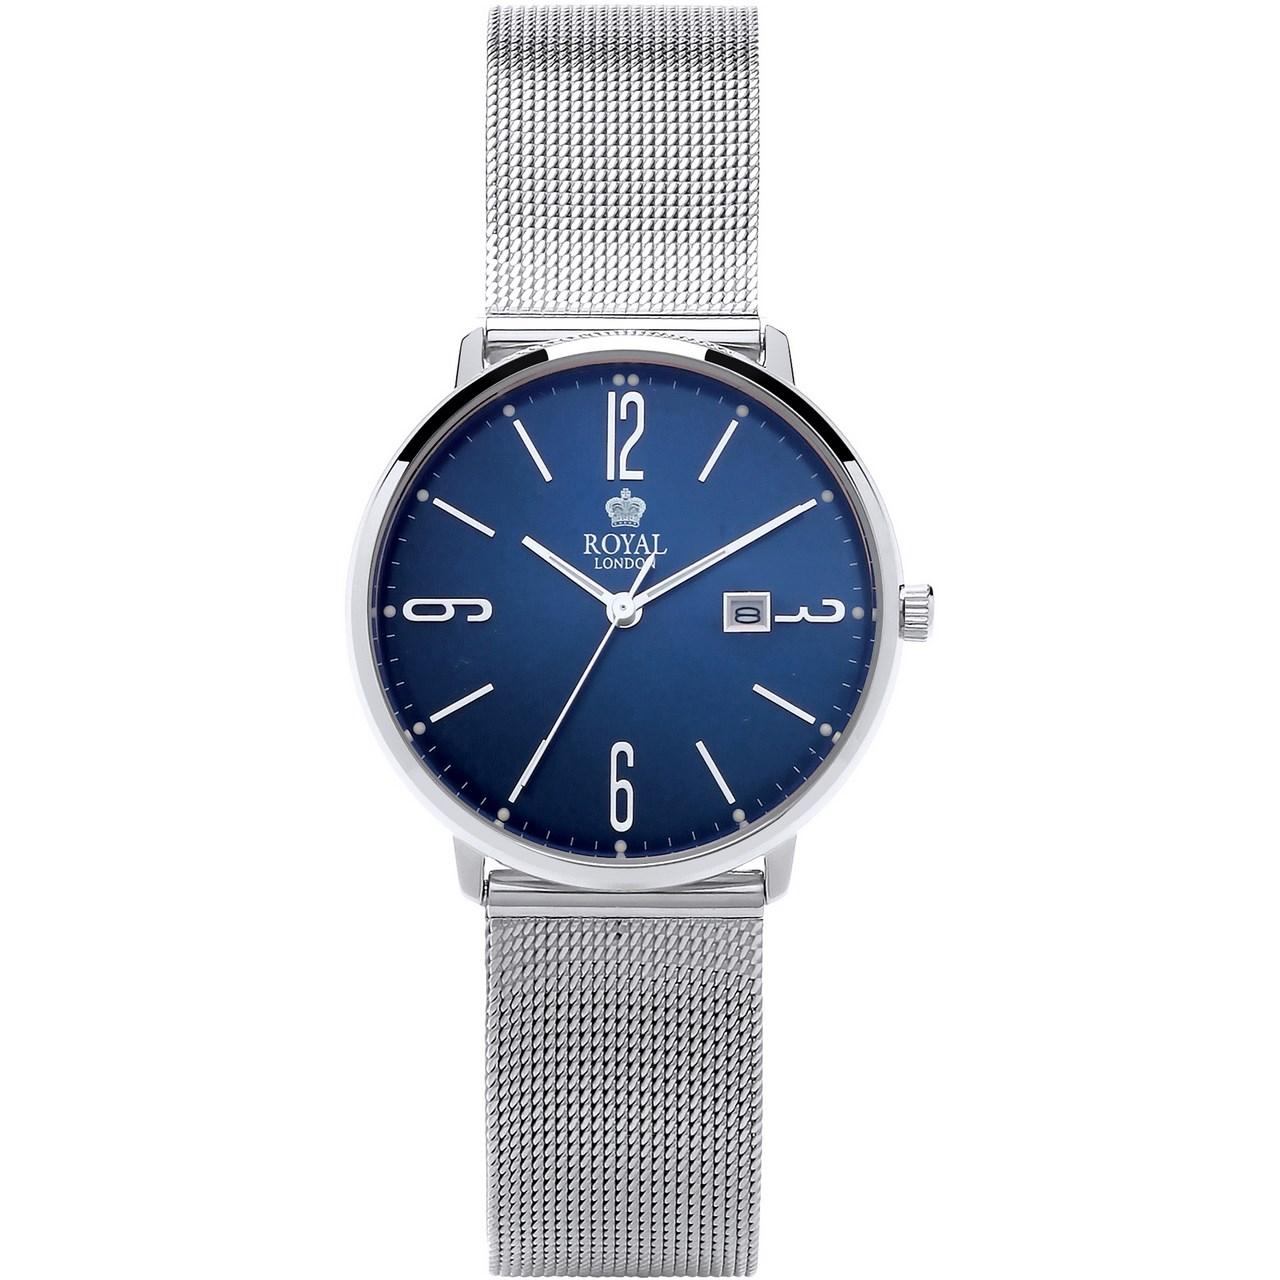 خرید ساعت مچی عقربه ای زنانه رویال لندن مدل RL-21354-08